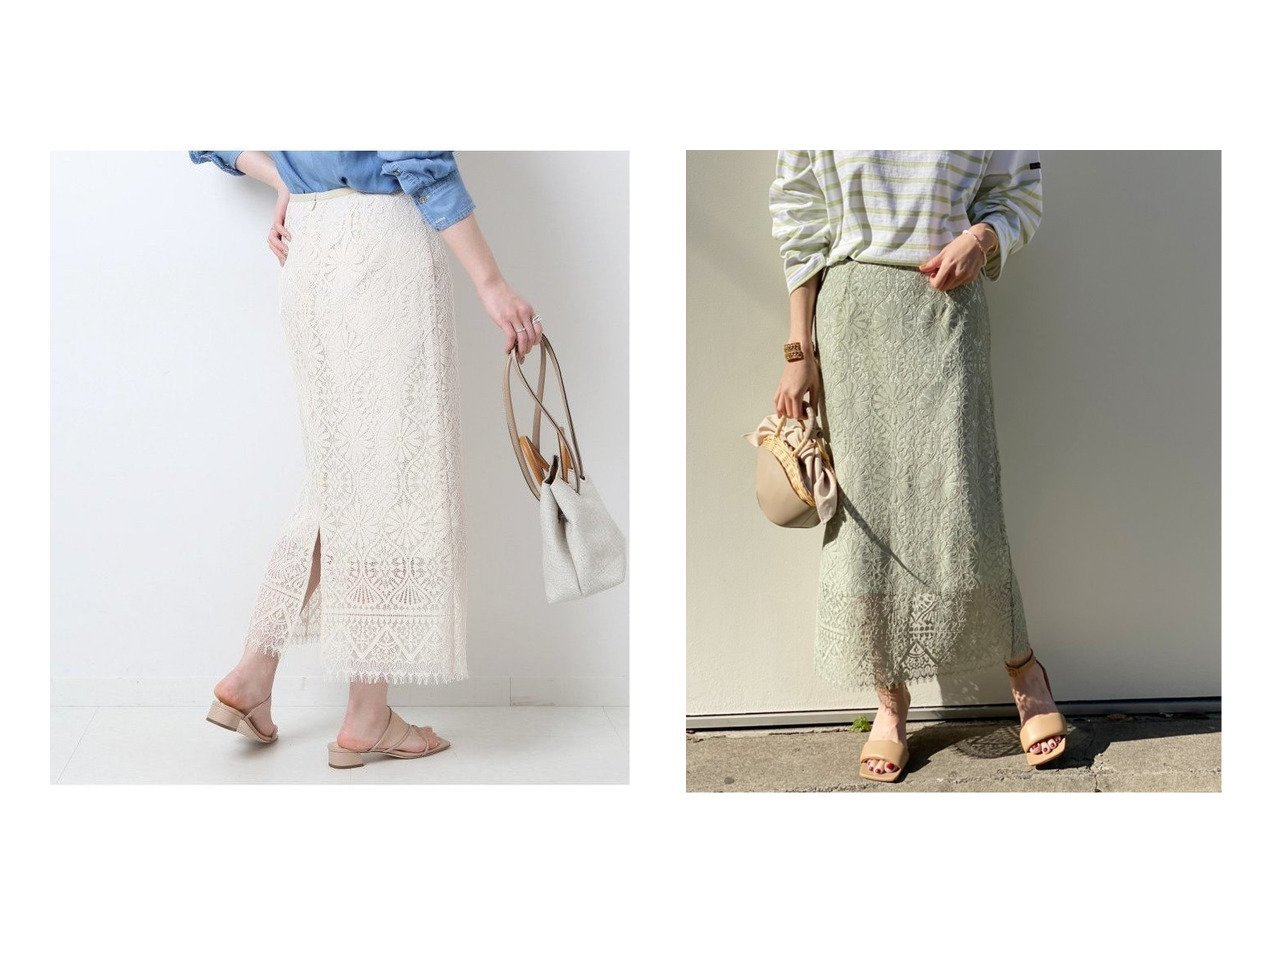 【Spick & Span/スピック&スパン】のトルコレーススカート スカートのおすすめ!人気、トレンド・レディースファッションの通販 おすすめで人気の流行・トレンド、ファッションの通販商品 メンズファッション・キッズファッション・インテリア・家具・レディースファッション・服の通販 founy(ファニー) https://founy.com/ ファッション Fashion レディースファッション WOMEN スカート Skirt 2021年 2021 2021 春夏 S/S SS Spring/Summer 2021 S/S 春夏 SS Spring/Summer タイトスカート レース ロング  ID:crp329100000023293